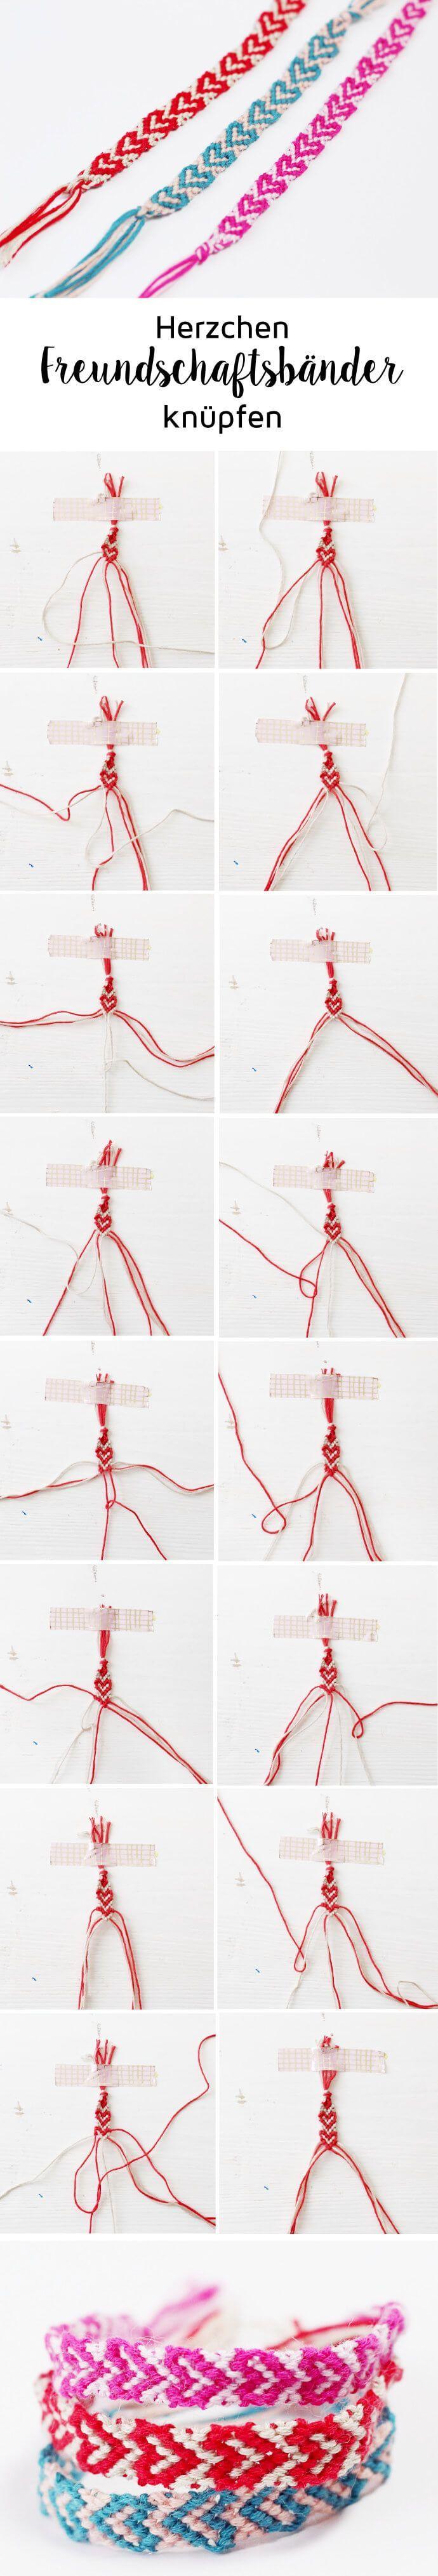 freundschaftsbnder knpfen mit herzen einfache diy anleitung - Fantastisch Schussel Aus Knpfen